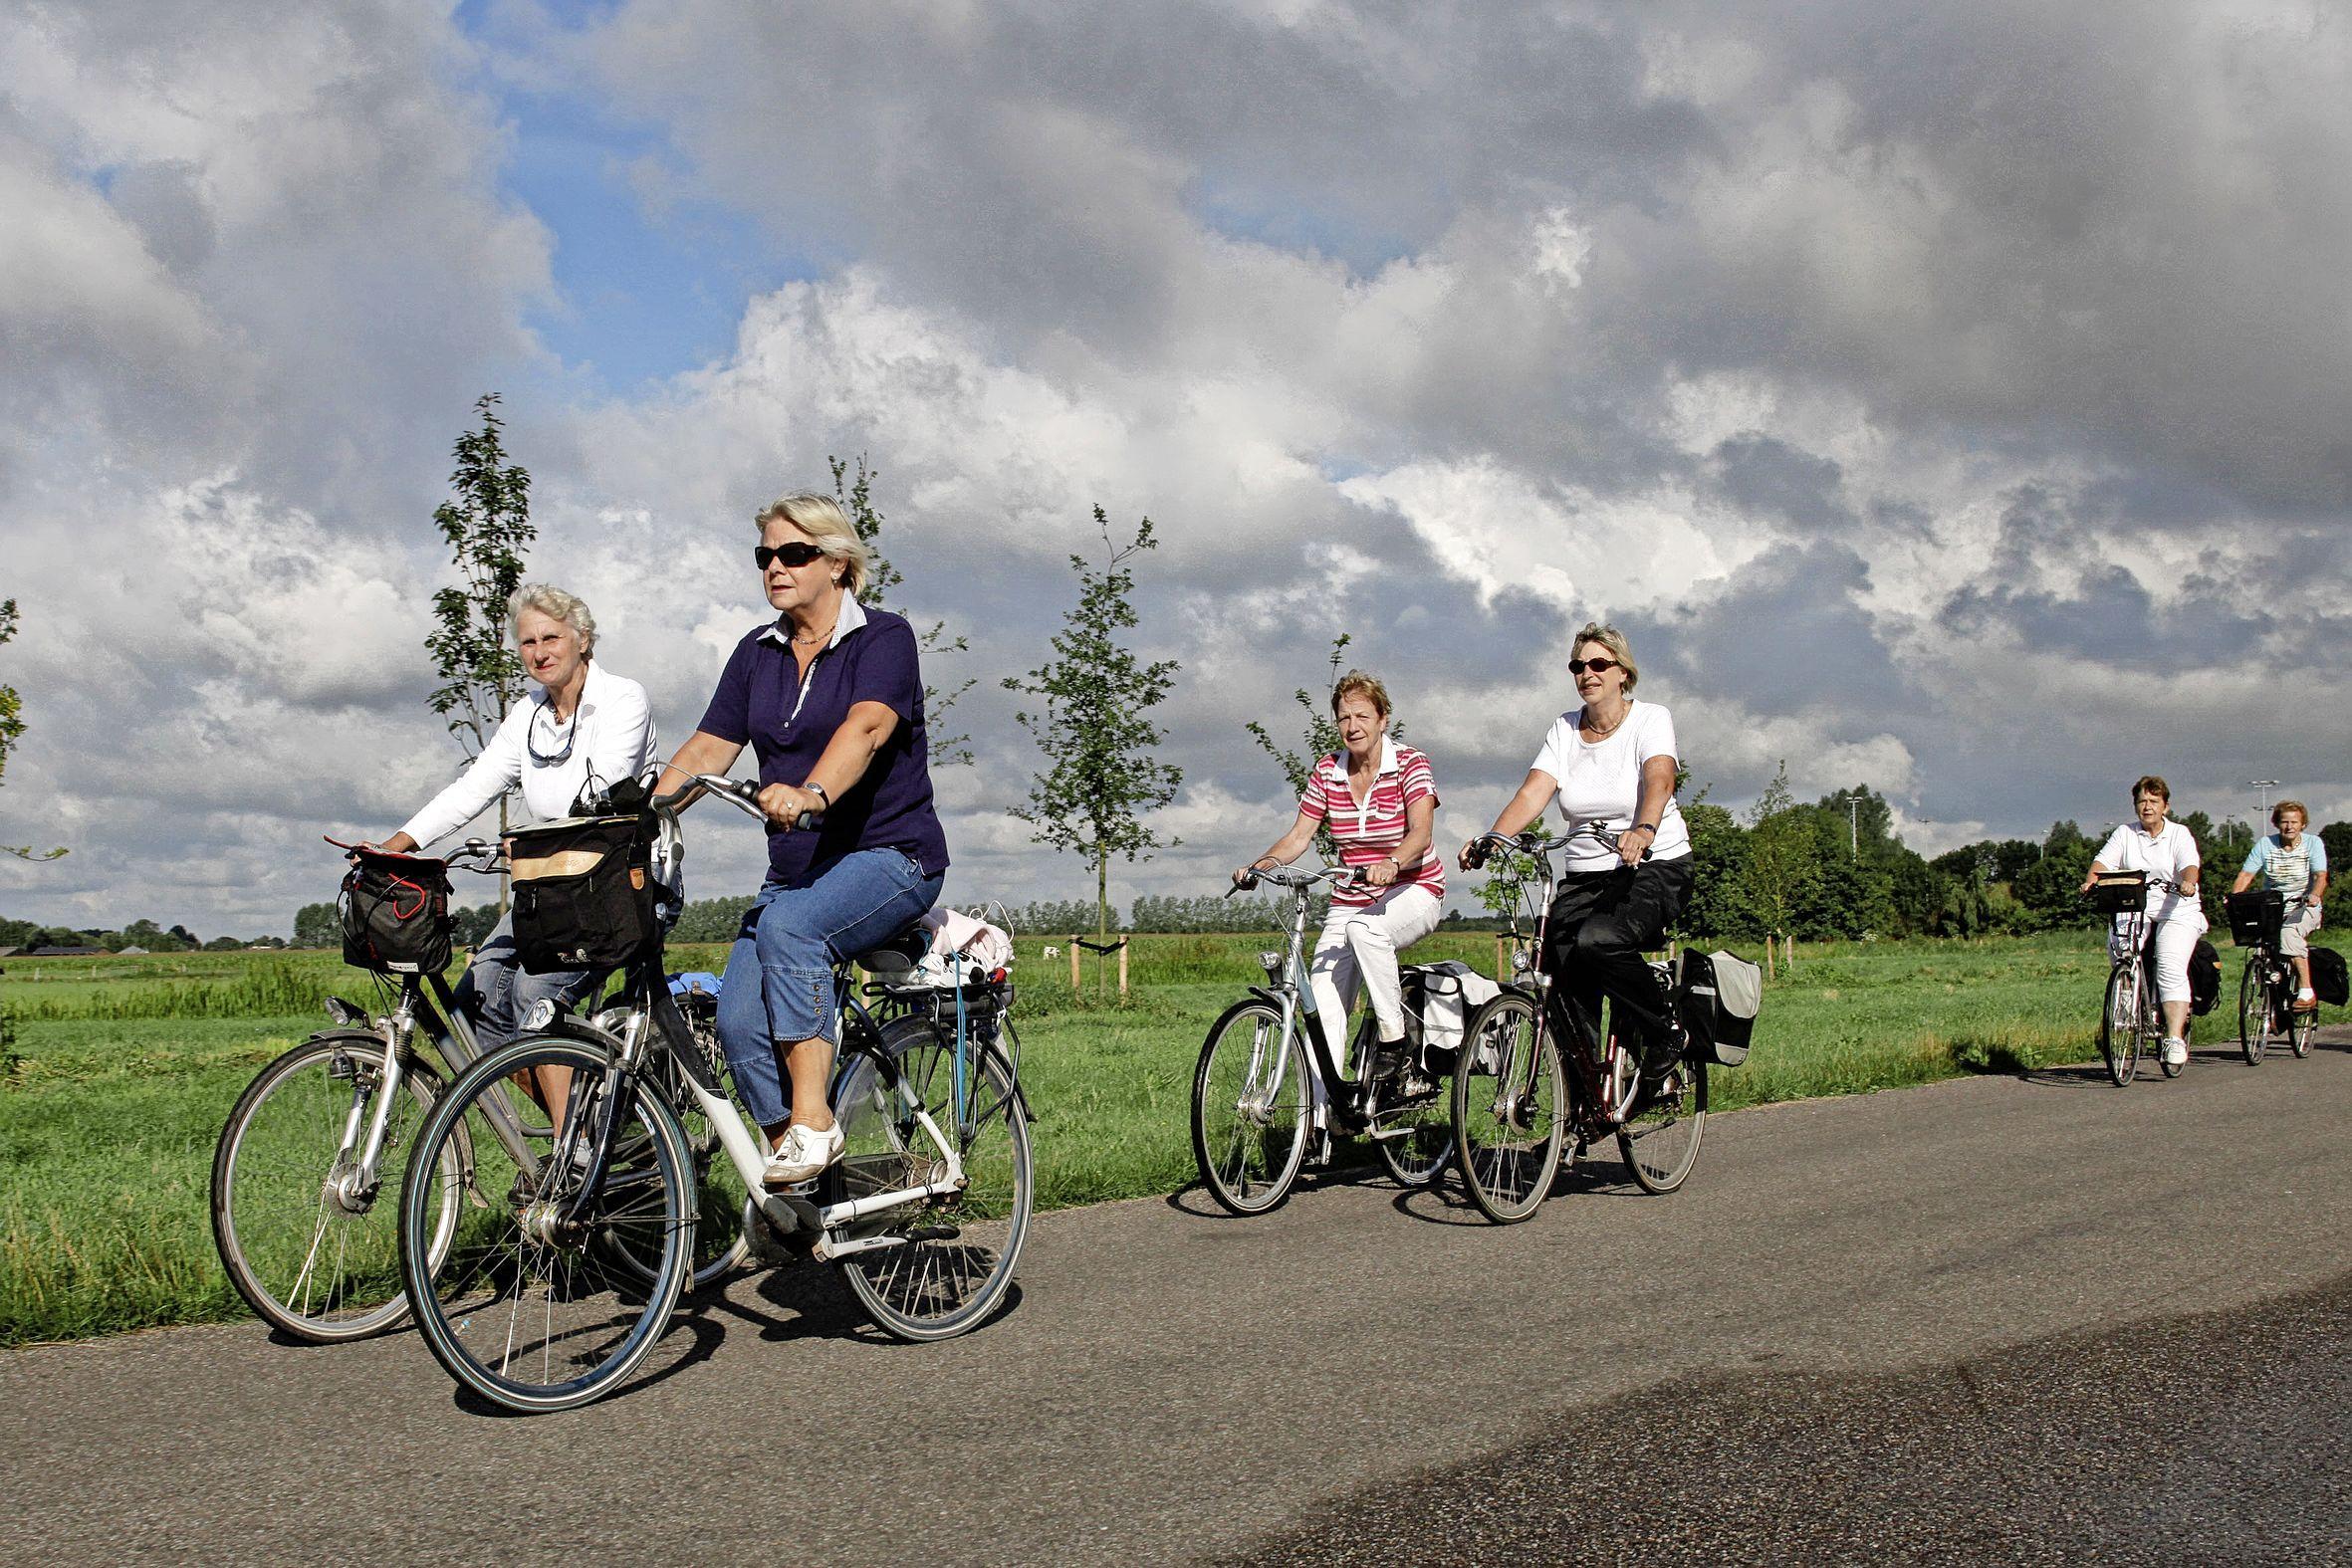 Het 'wonen' zit veel inwoners van Wijdemeren hoog, ook willen ze meer fiets- en wandelpaden in de hun omringende natuur